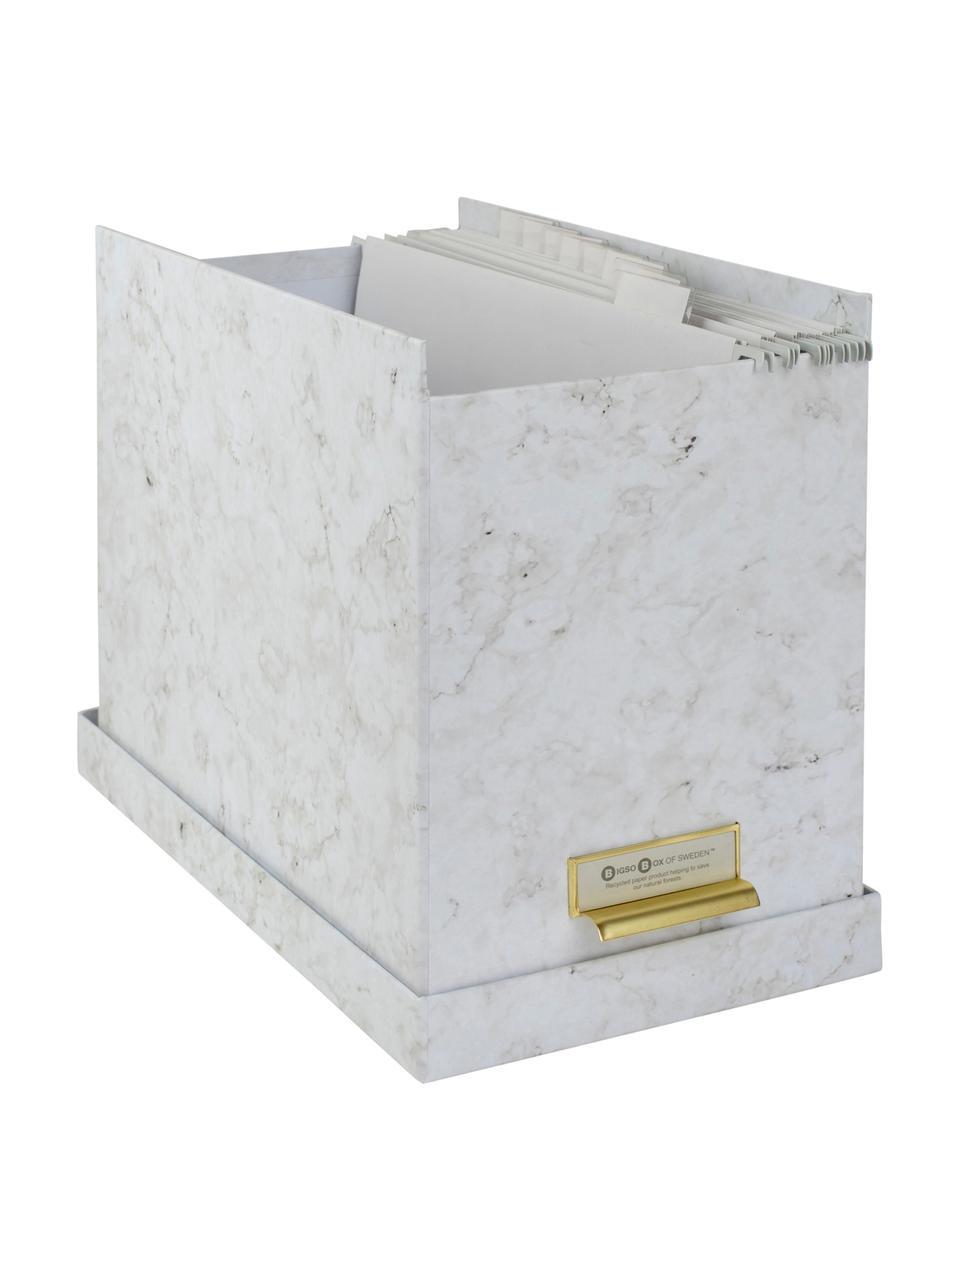 Set scatola-archivio per documenti Johan 9 pz, Organizer: solido, cartone laminato, Bianco marmorizzato, Larg. 19 x Alt. 27 cm